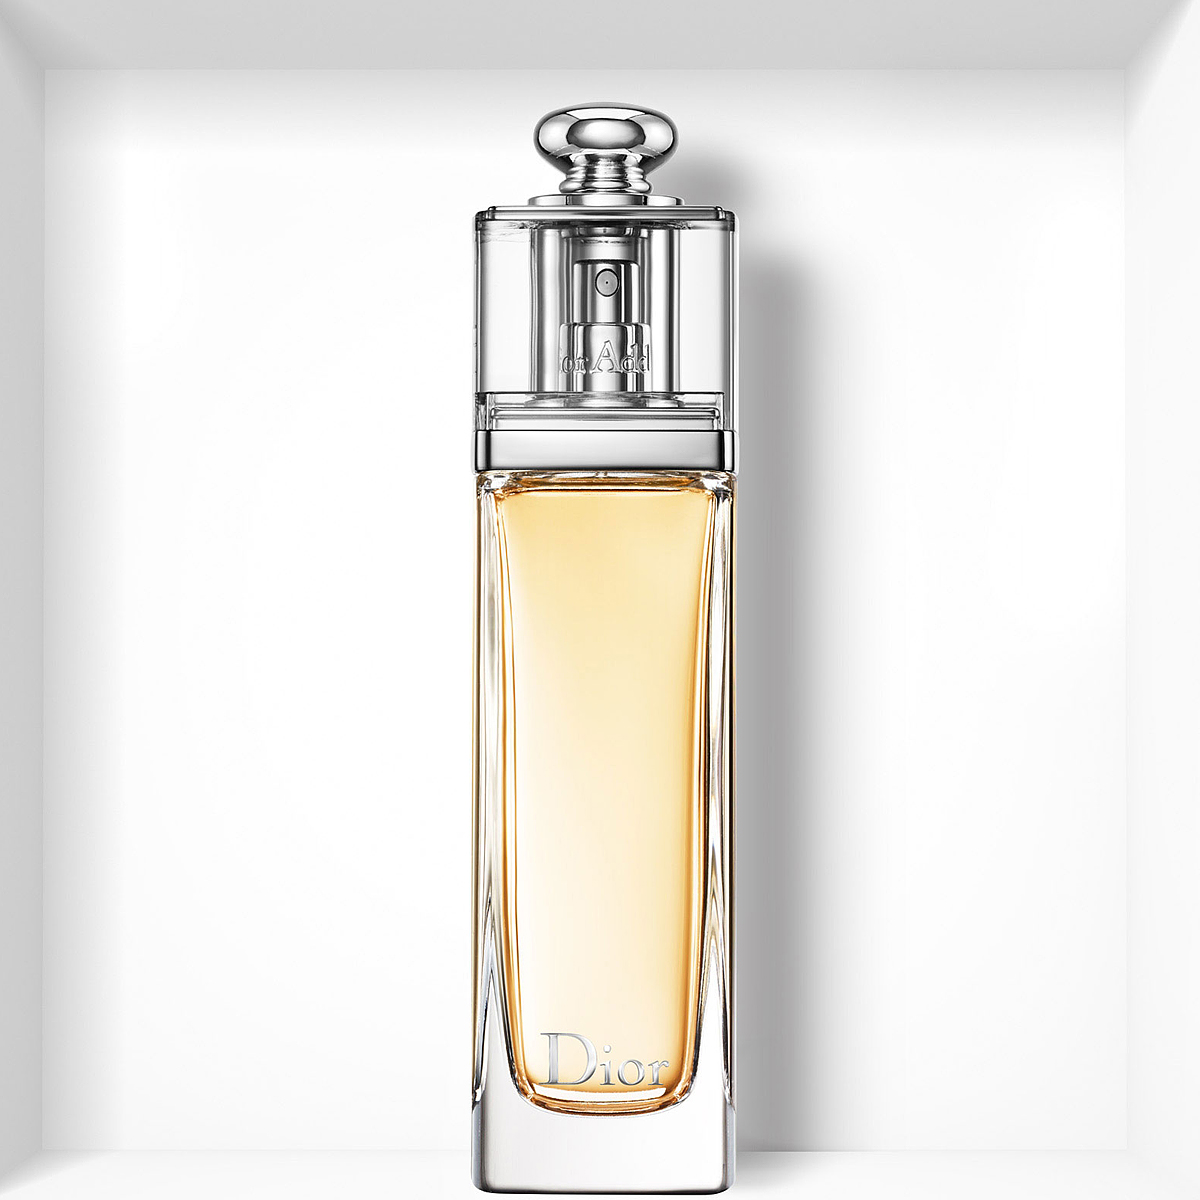 Christian Dior Dior Addict Туалетная вода женская, 50млF062872009Мгновенно притягивающий, Dior Addict воплощает собой невероятно красивый и соблазнительный аромат, который находится в полной гармонии с сегодняшним днем.Сицилийский Мандарин в его верхних нотах придает игривый, чарующий оттенок фруктовых цитрусовых аккордов, пикантных и насыщенных. На смену ему приходит букет белых цветов Жасмина Самбак и Тунисского Нероли в сочетании с чувственной и изысканной древесной базовой нотой Эссенции Сандалового дерева с легким оттенком Ванили. Утонченный древесно-цветочный аромат: абсолютно женственный, он искрится свежестью и чувственной элегантностью.Начальные ноты: мандарин. Ноты сердца: жасмин, нероли. Базовые ноты: ваниль, сандаловое дерево. Характер аромата: женственный; волнующий; изящный; манящий; свежий; чувственный.